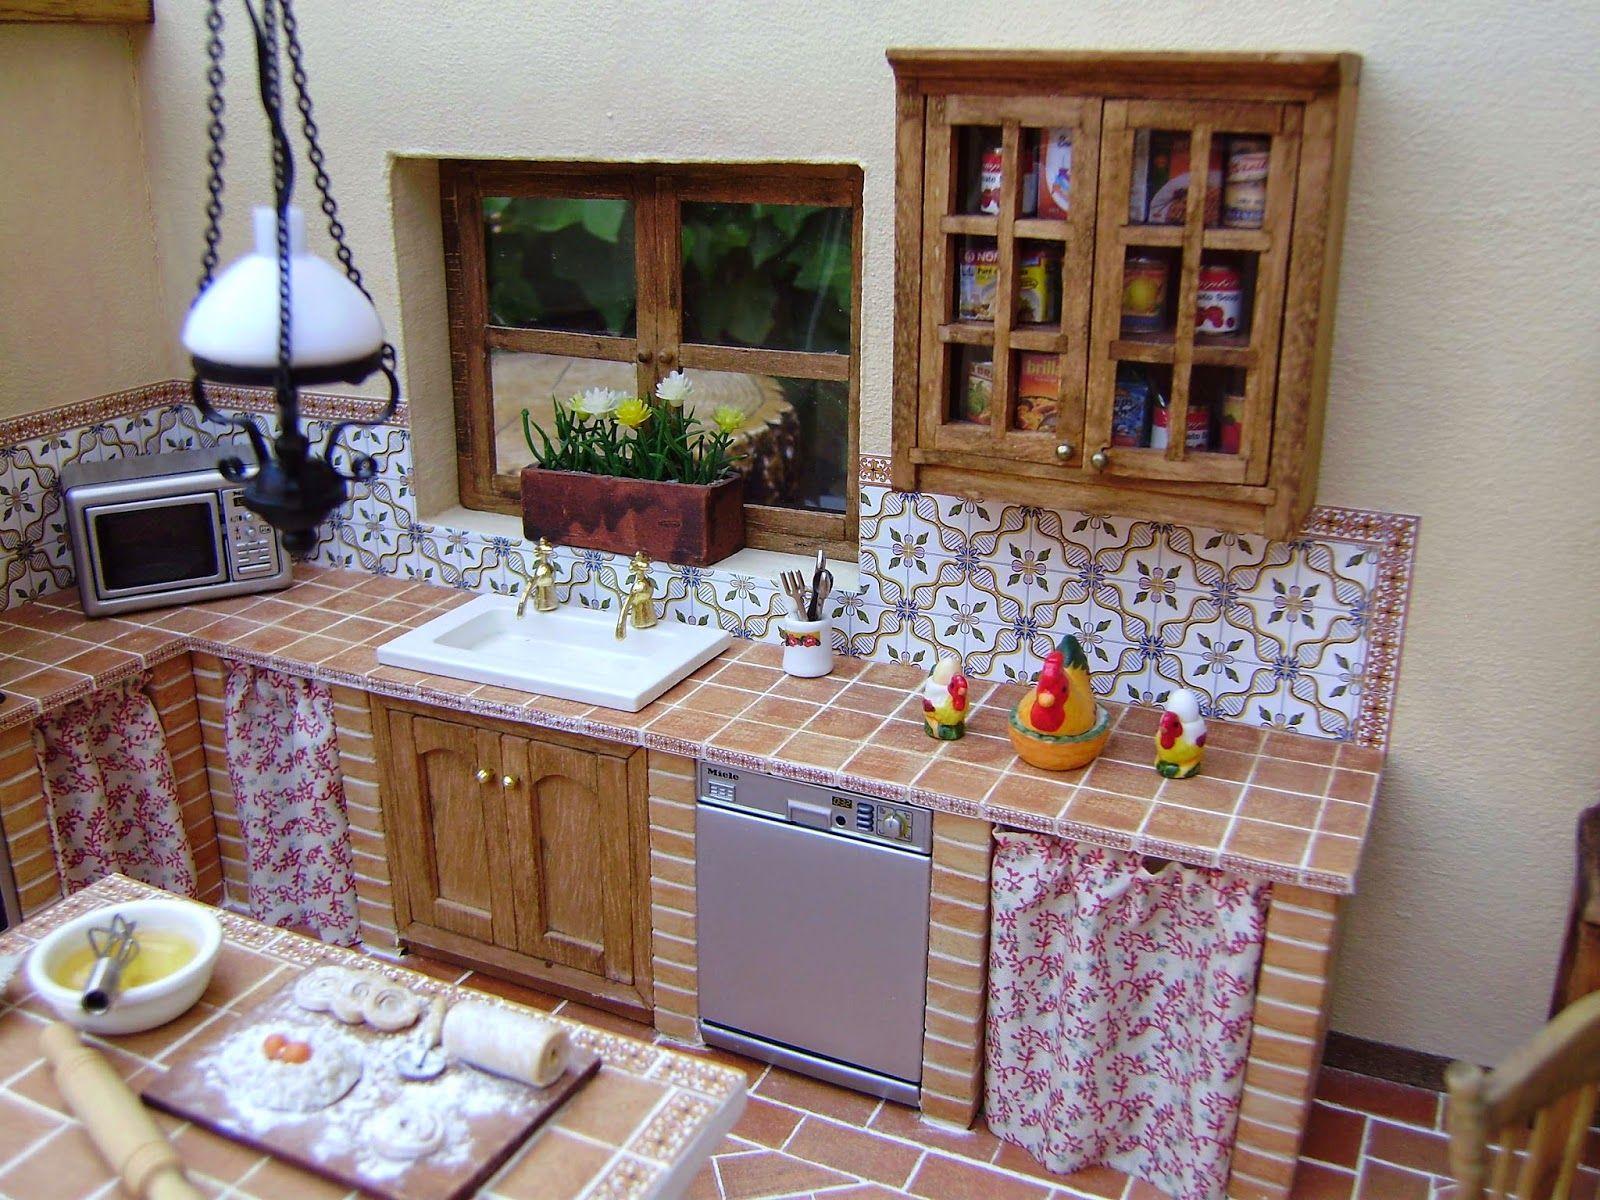 cocina de obra con dos hogares - Buscar con Google | Konyha ...